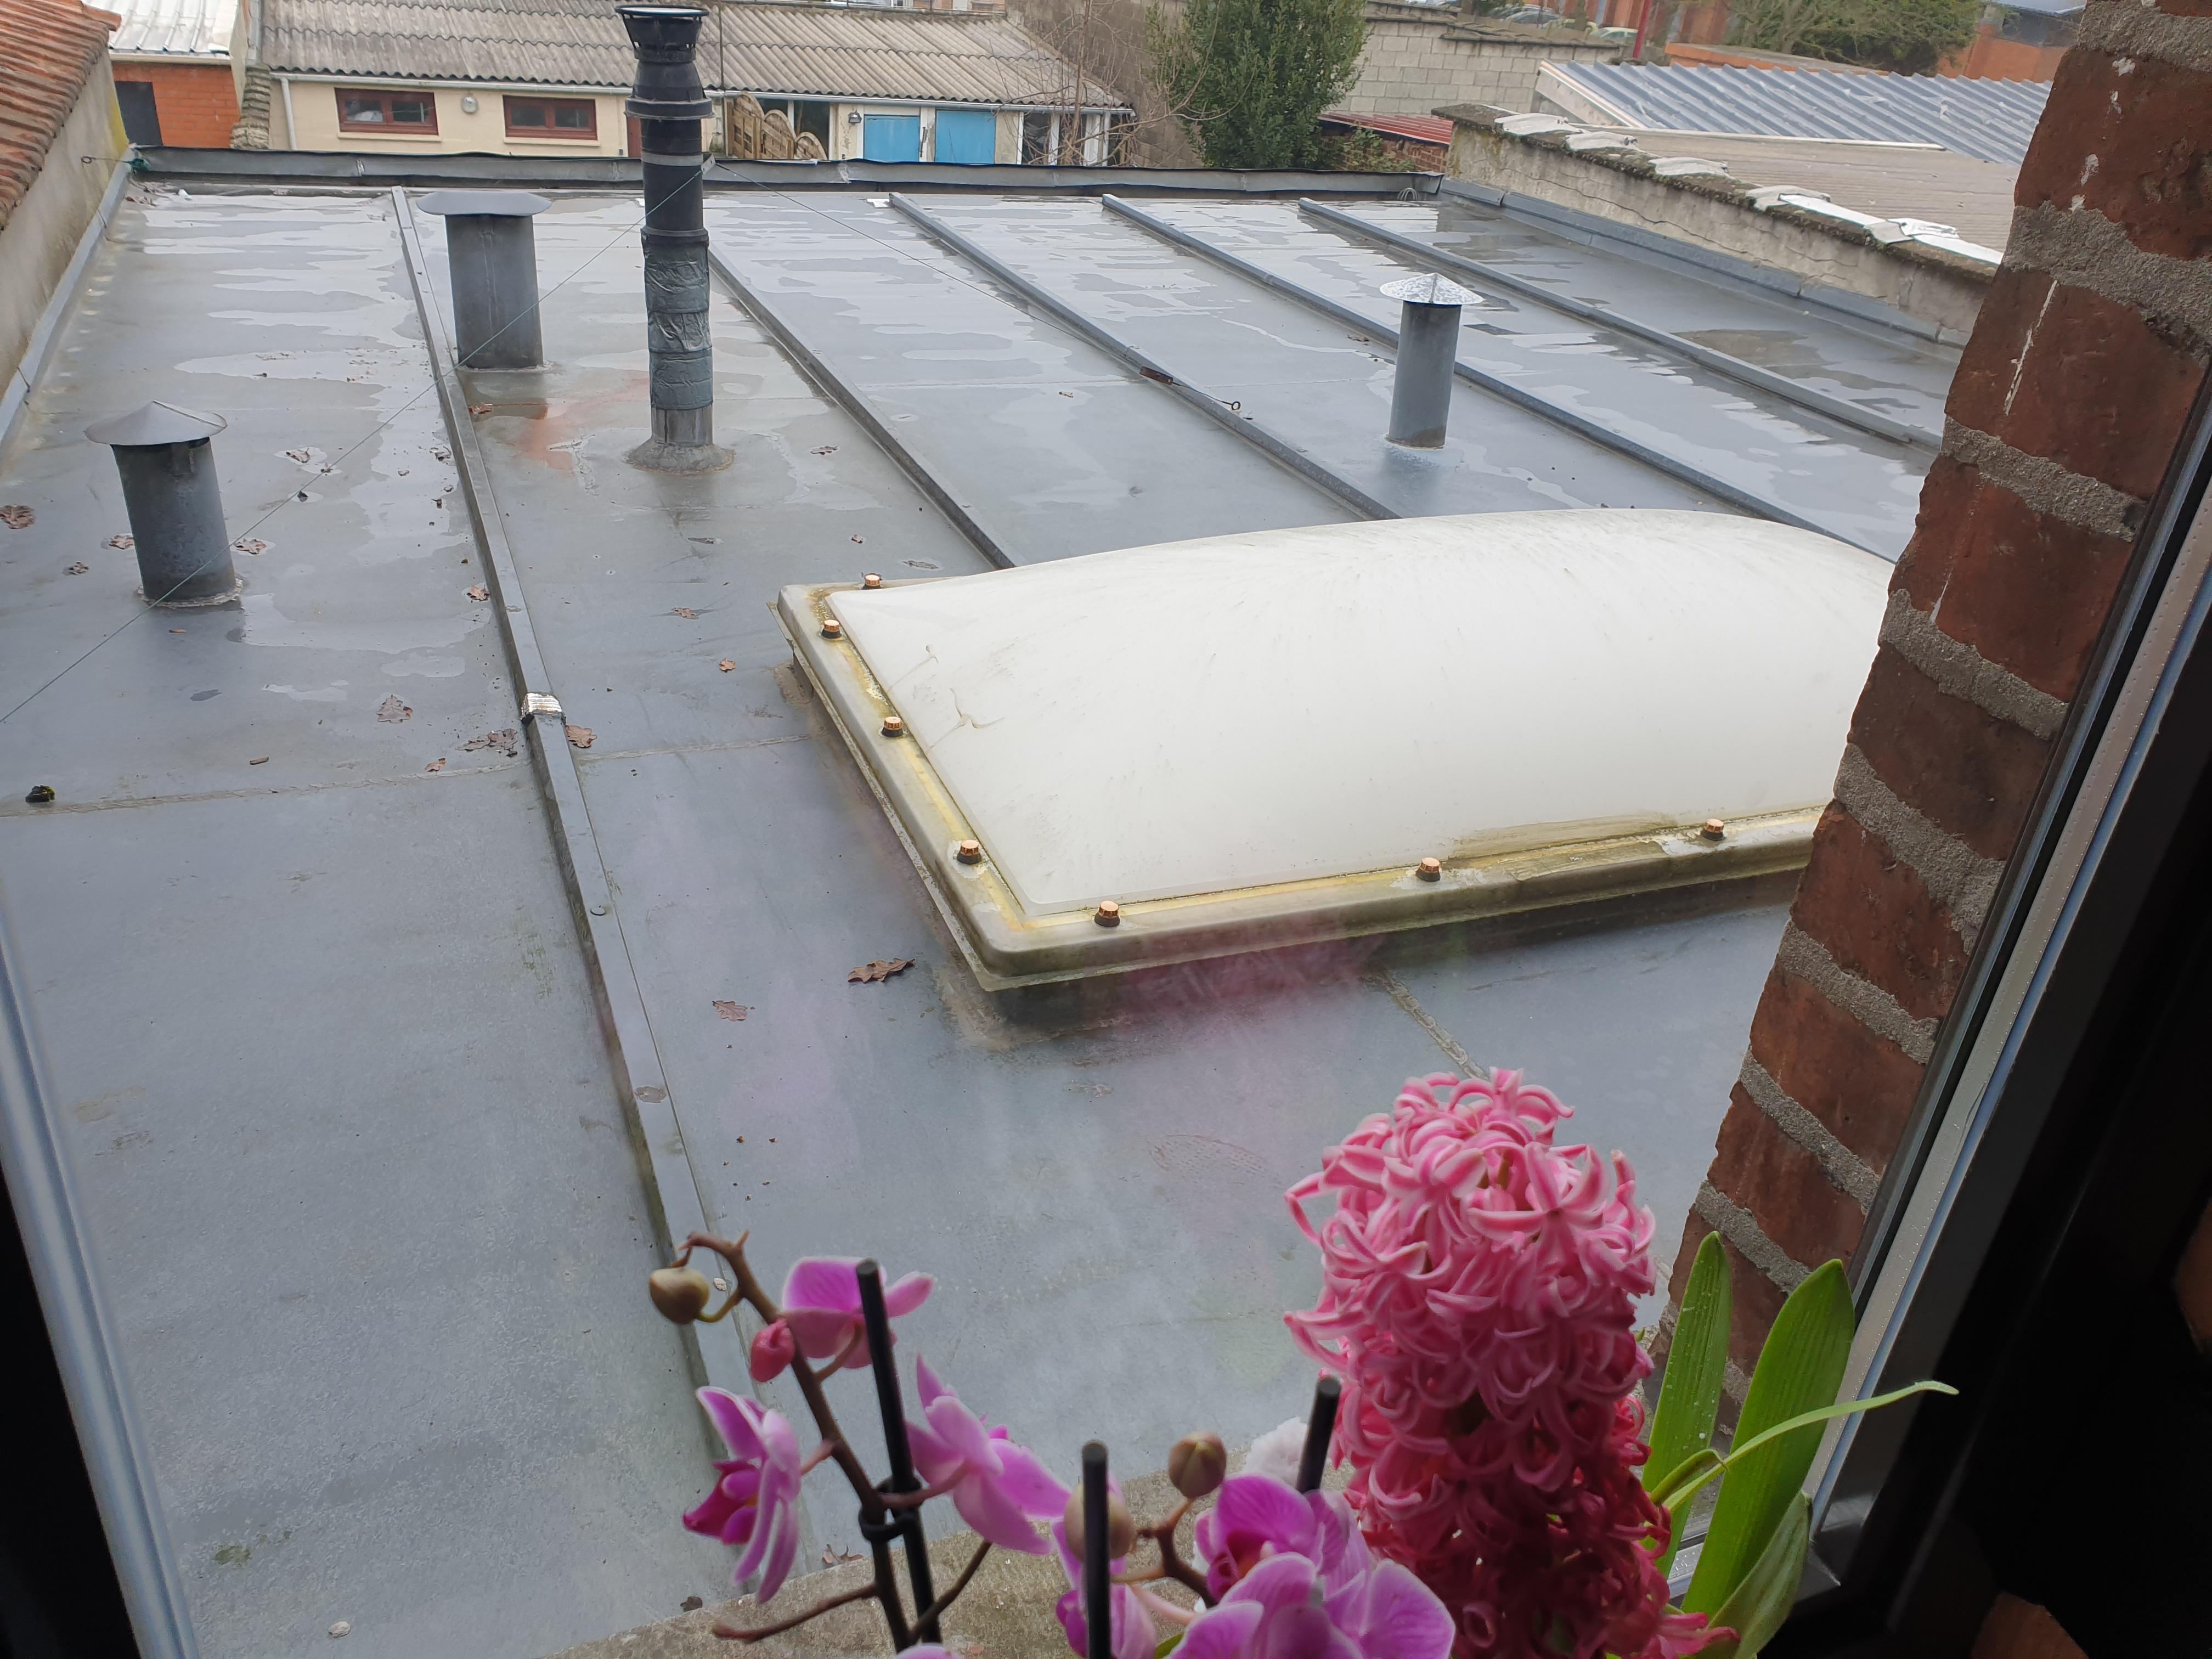 Forum : Réparation toiture zinc 30 ans 40m2